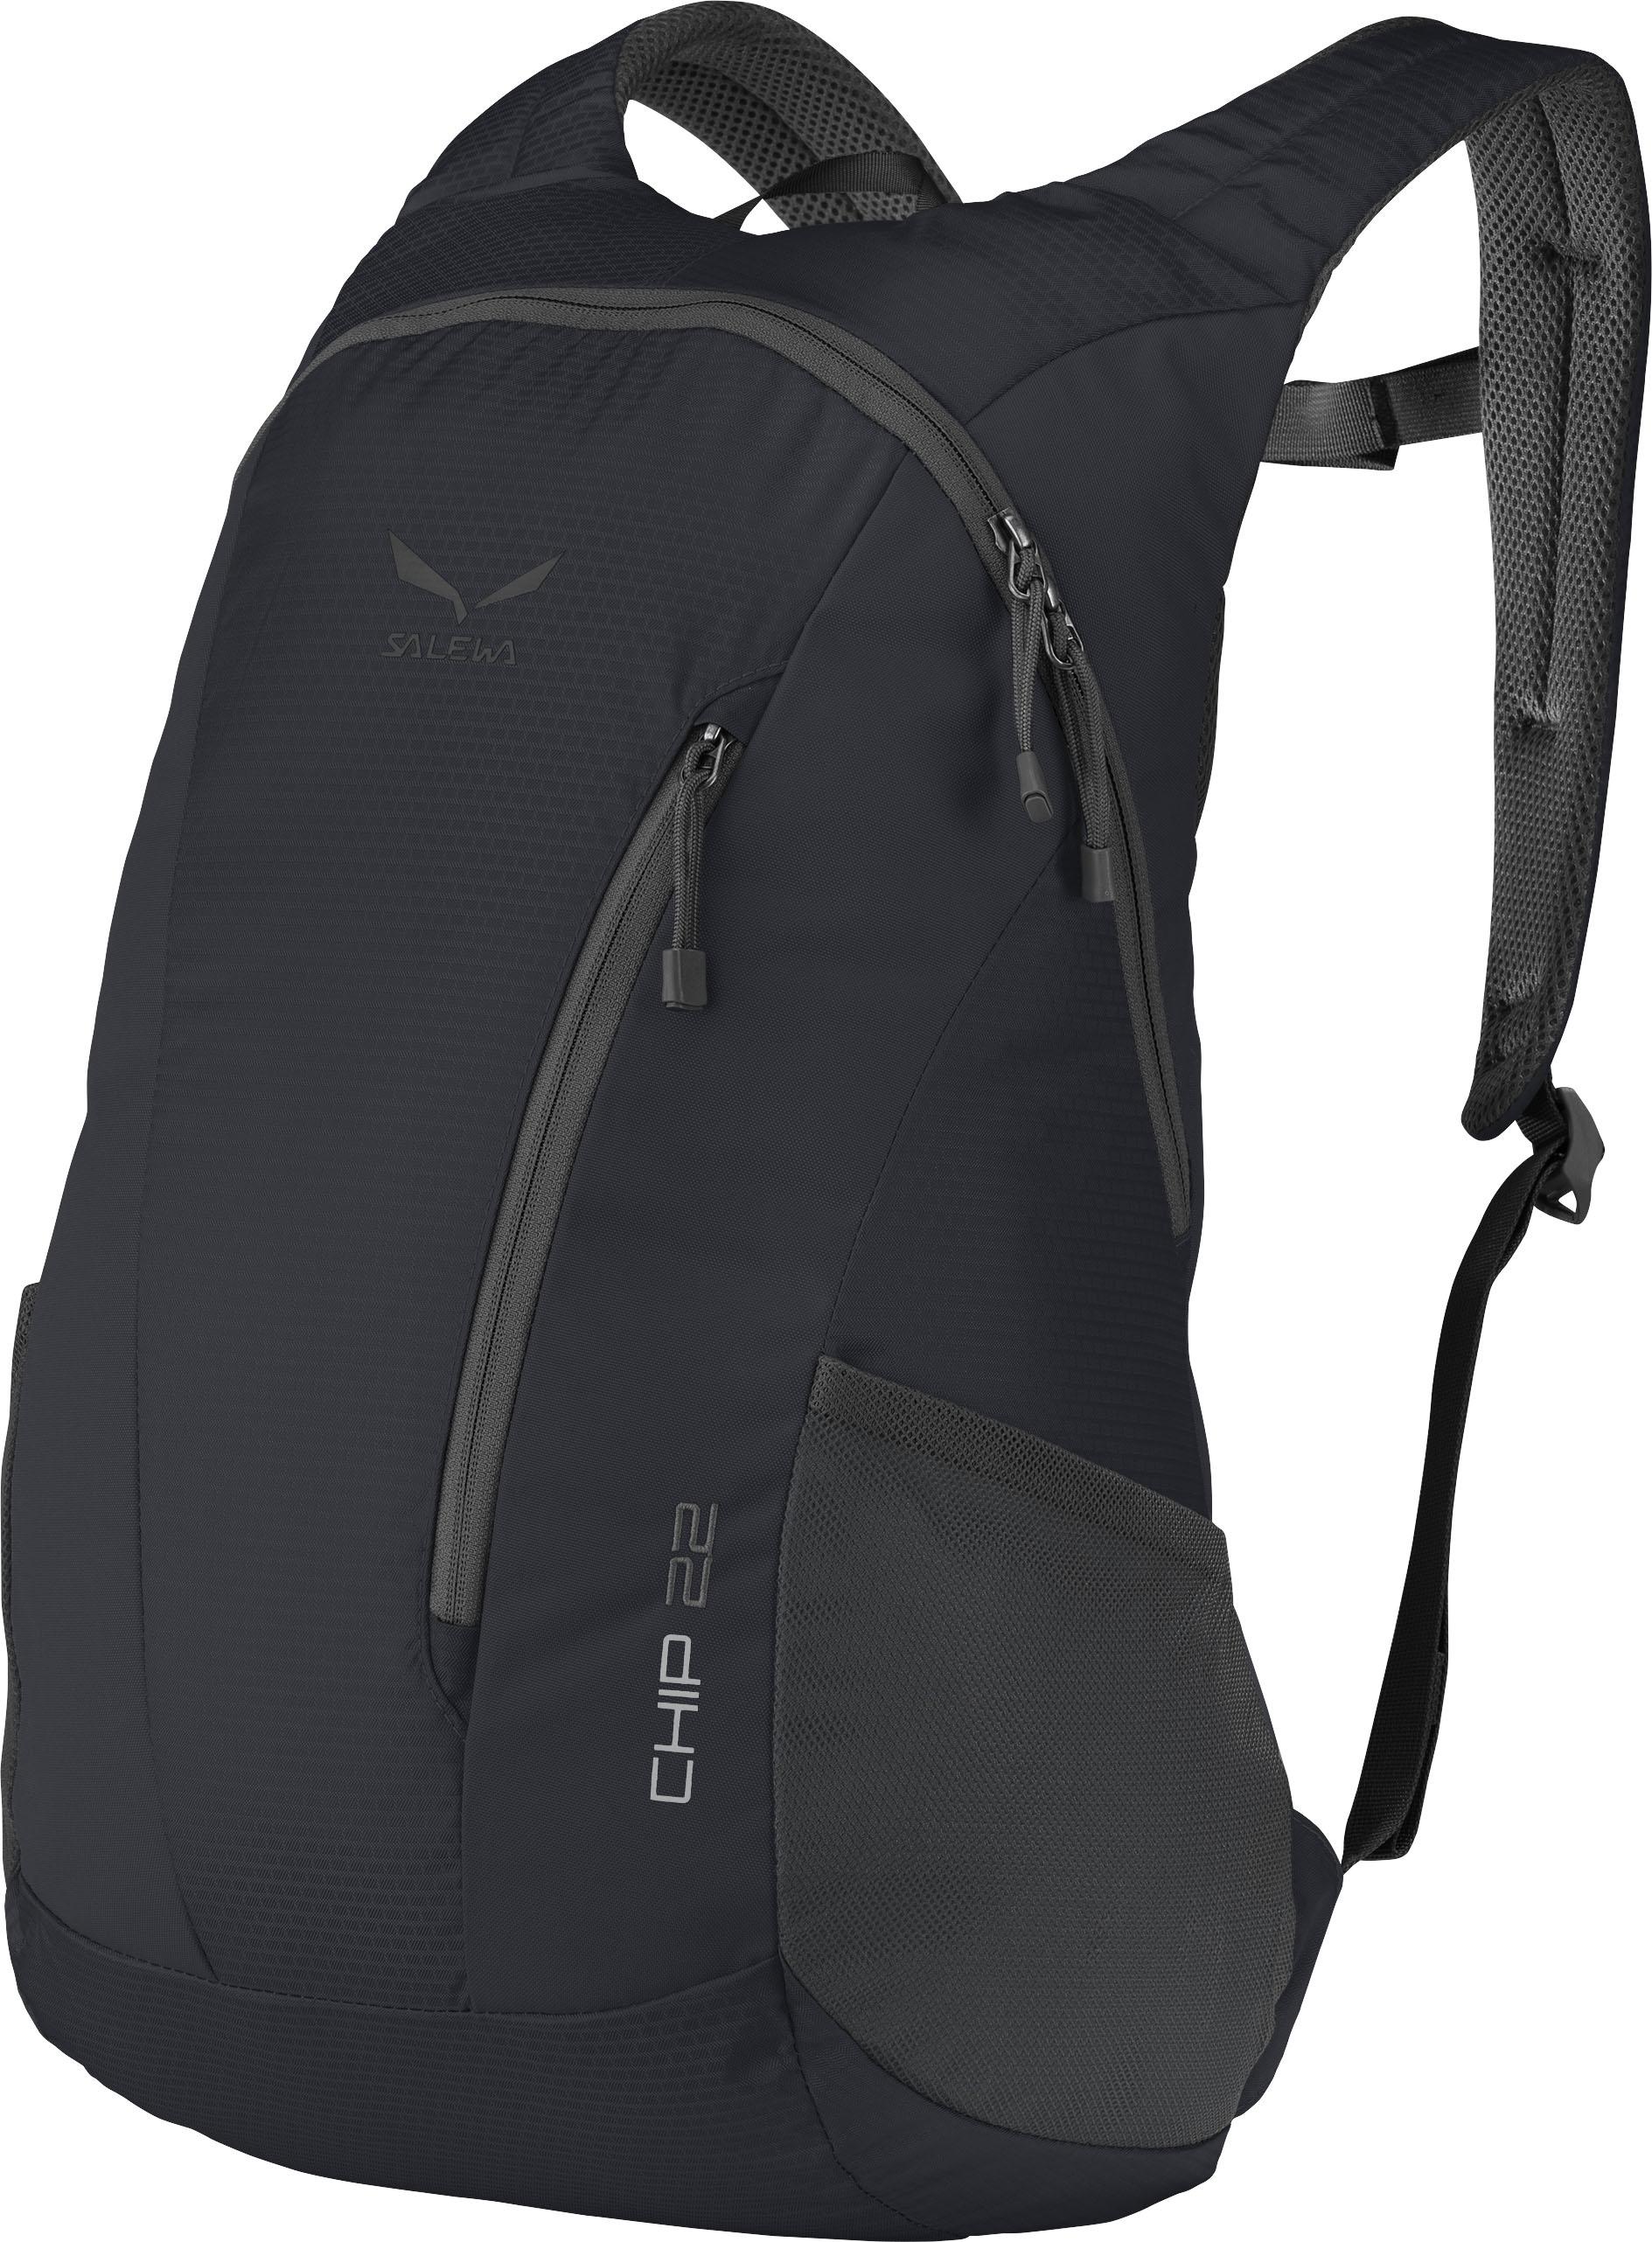 Купить Рюкзак Salewa Daypacks CHIP 22 BP CARBON / Рюкзаки городские 1166614